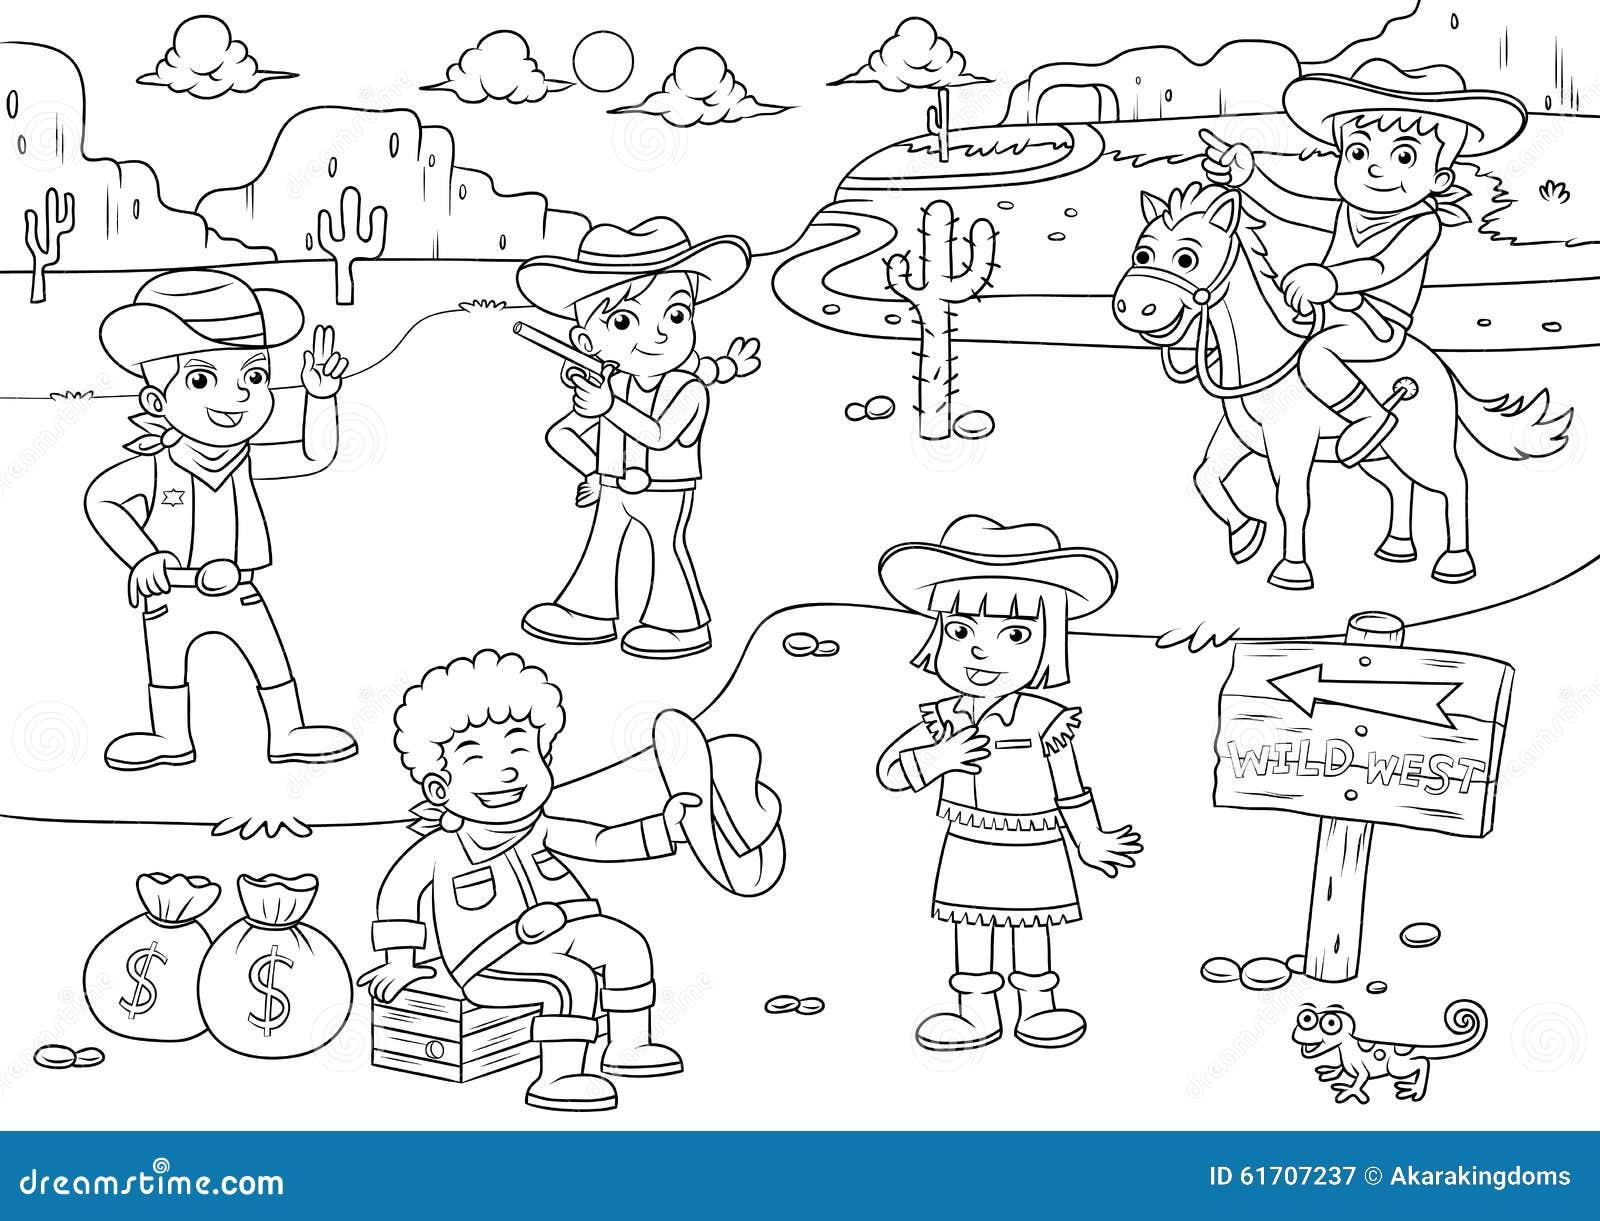 25 Desenhos Do Angry Birds Para Colorir Em Casa: Ilustração De Desenhos Animados Da Criança De Wild West Do